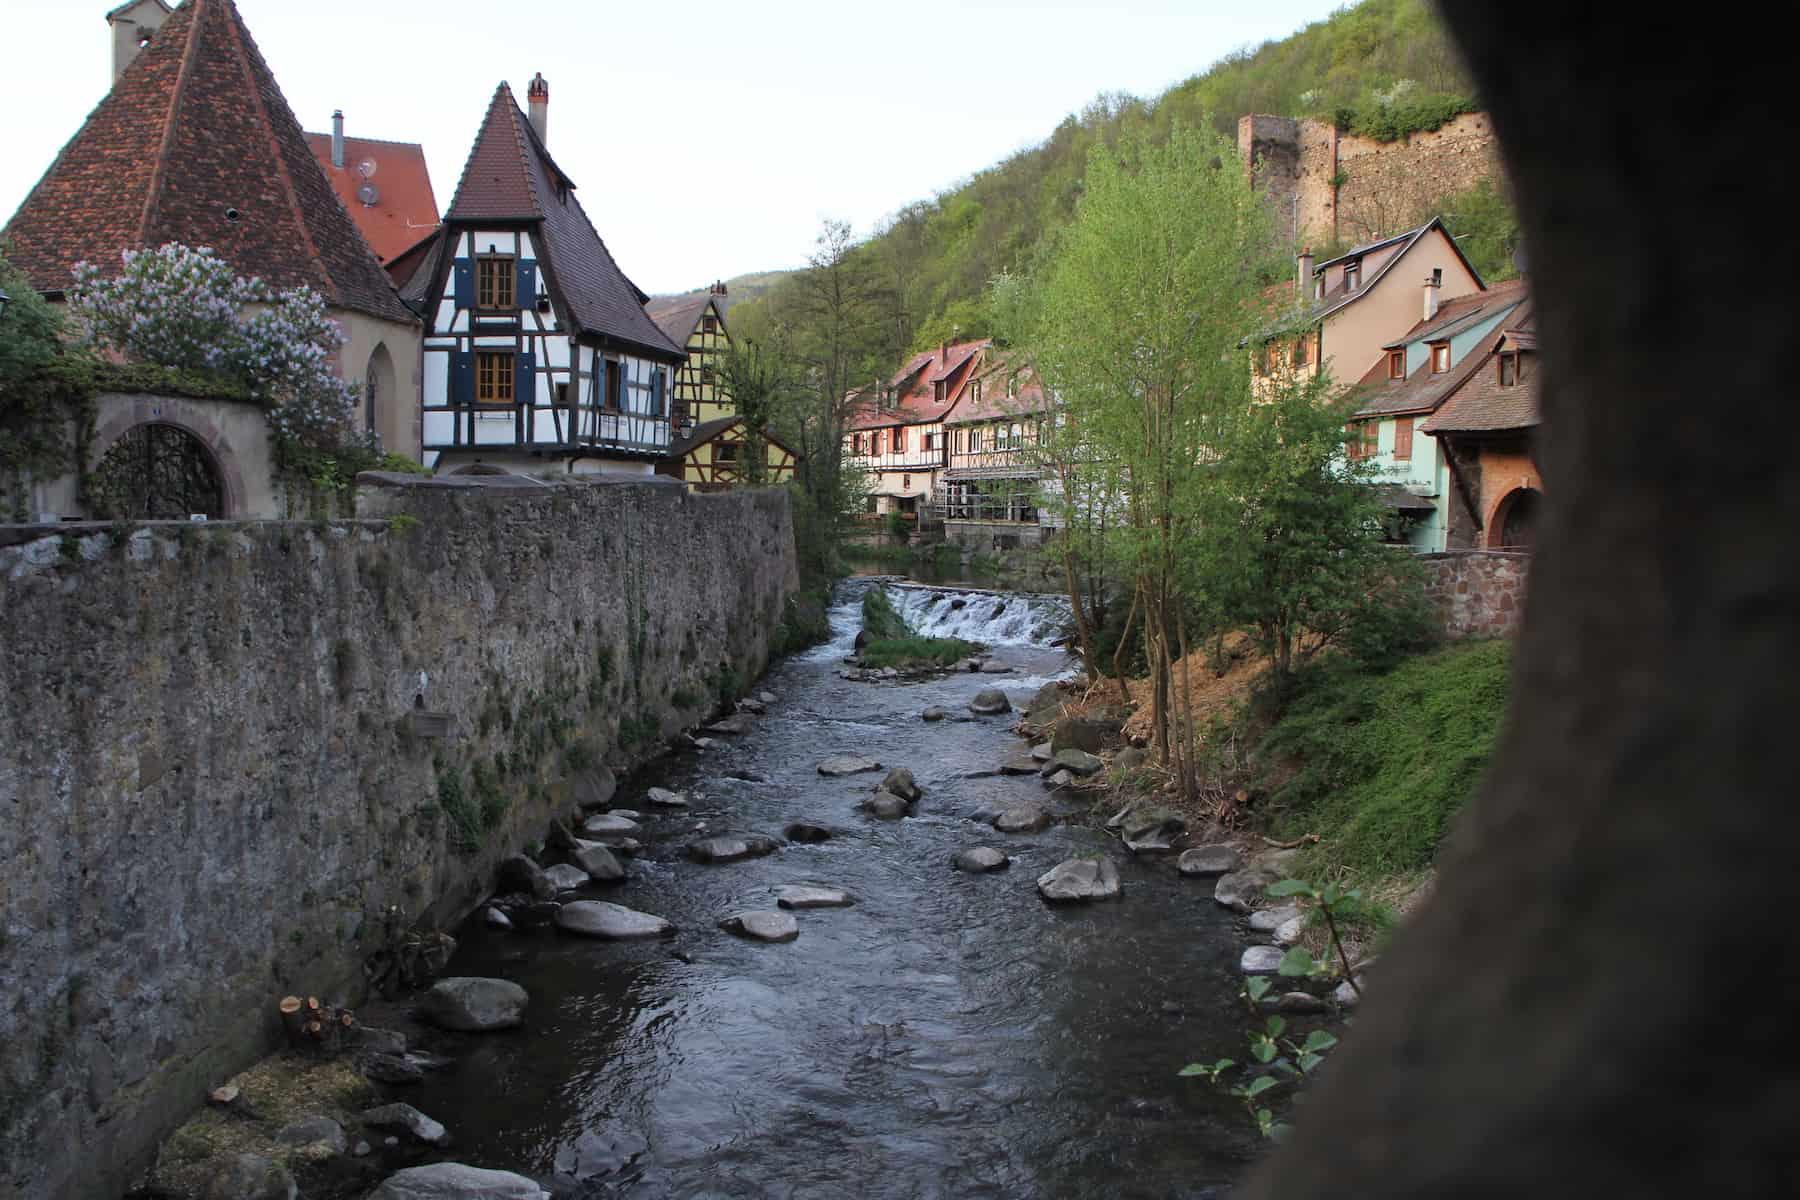 Rivière à Kaysersberg avec pierres et maisons alsaciennes